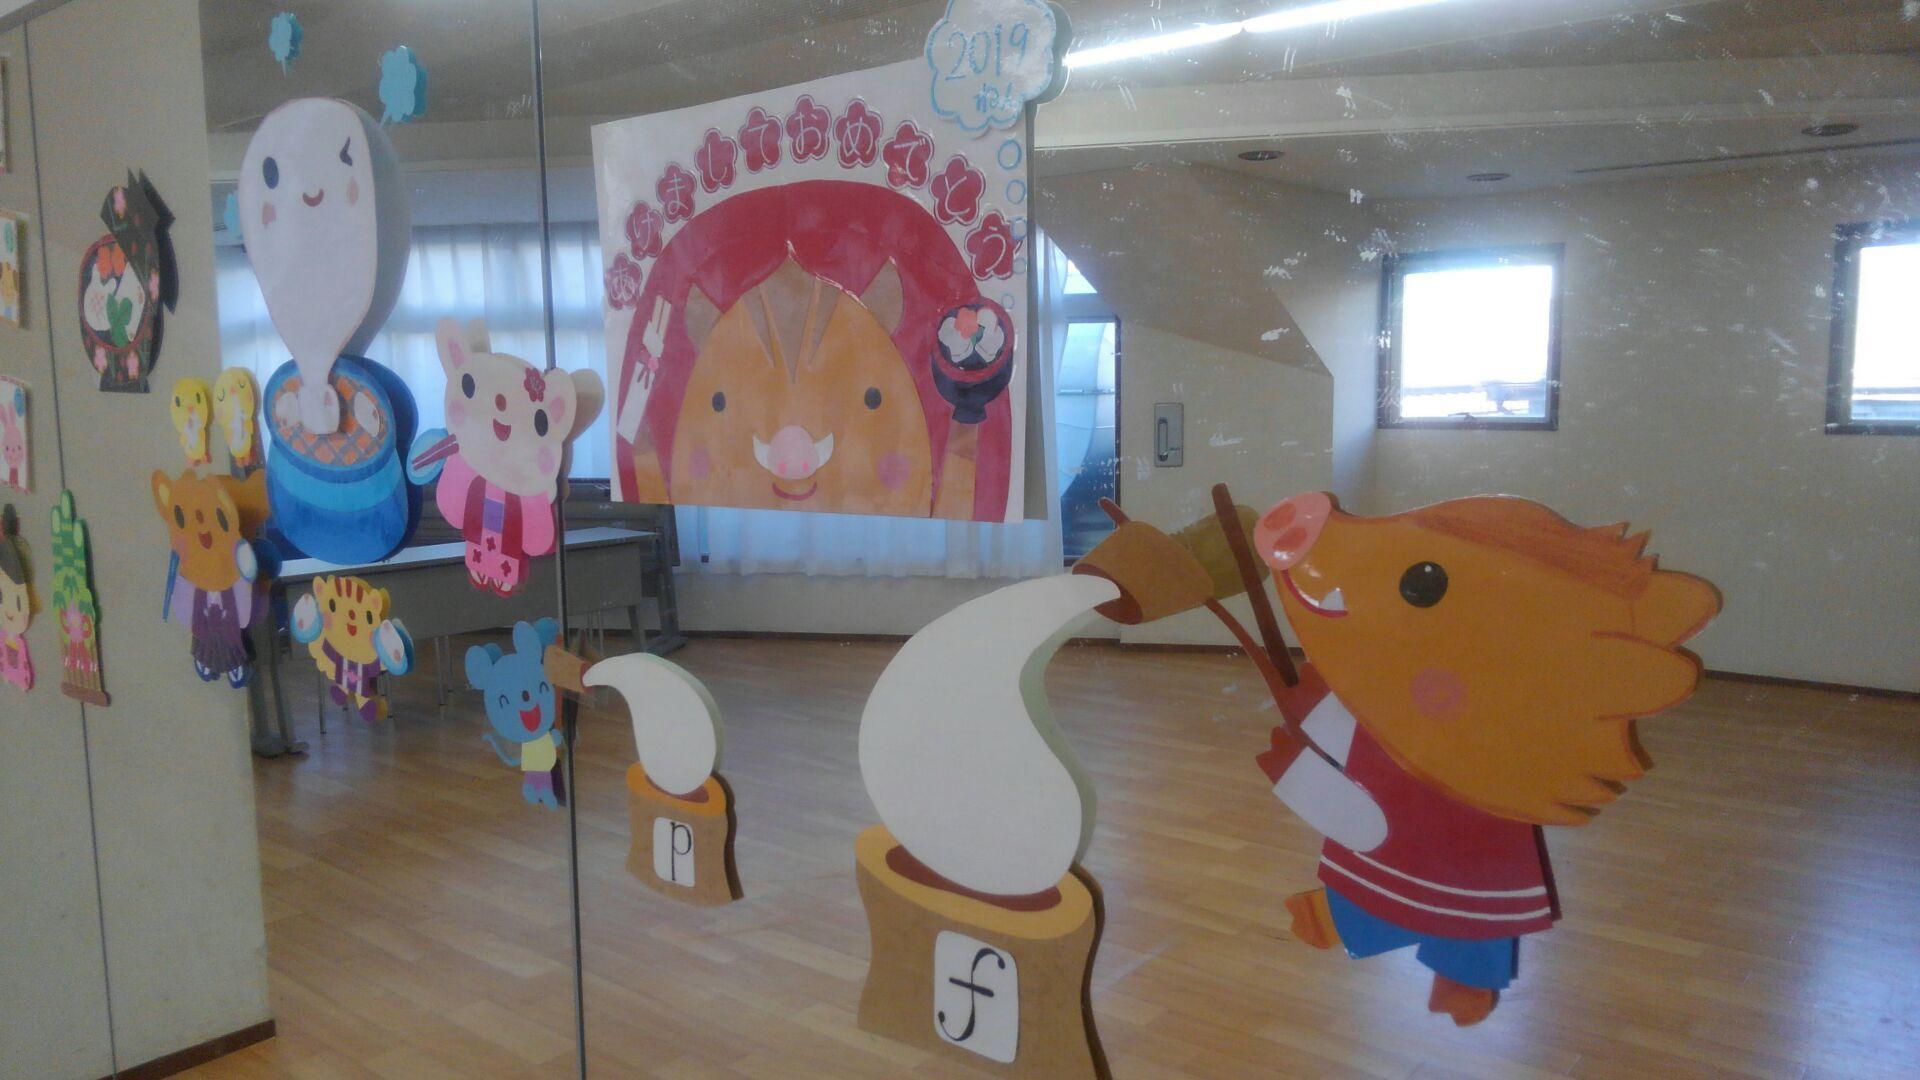 今年の干支・いのししさんがお餅をついているイラストや様々な動物さんがお餅を焼いているイラストが教室の壁に装飾されている